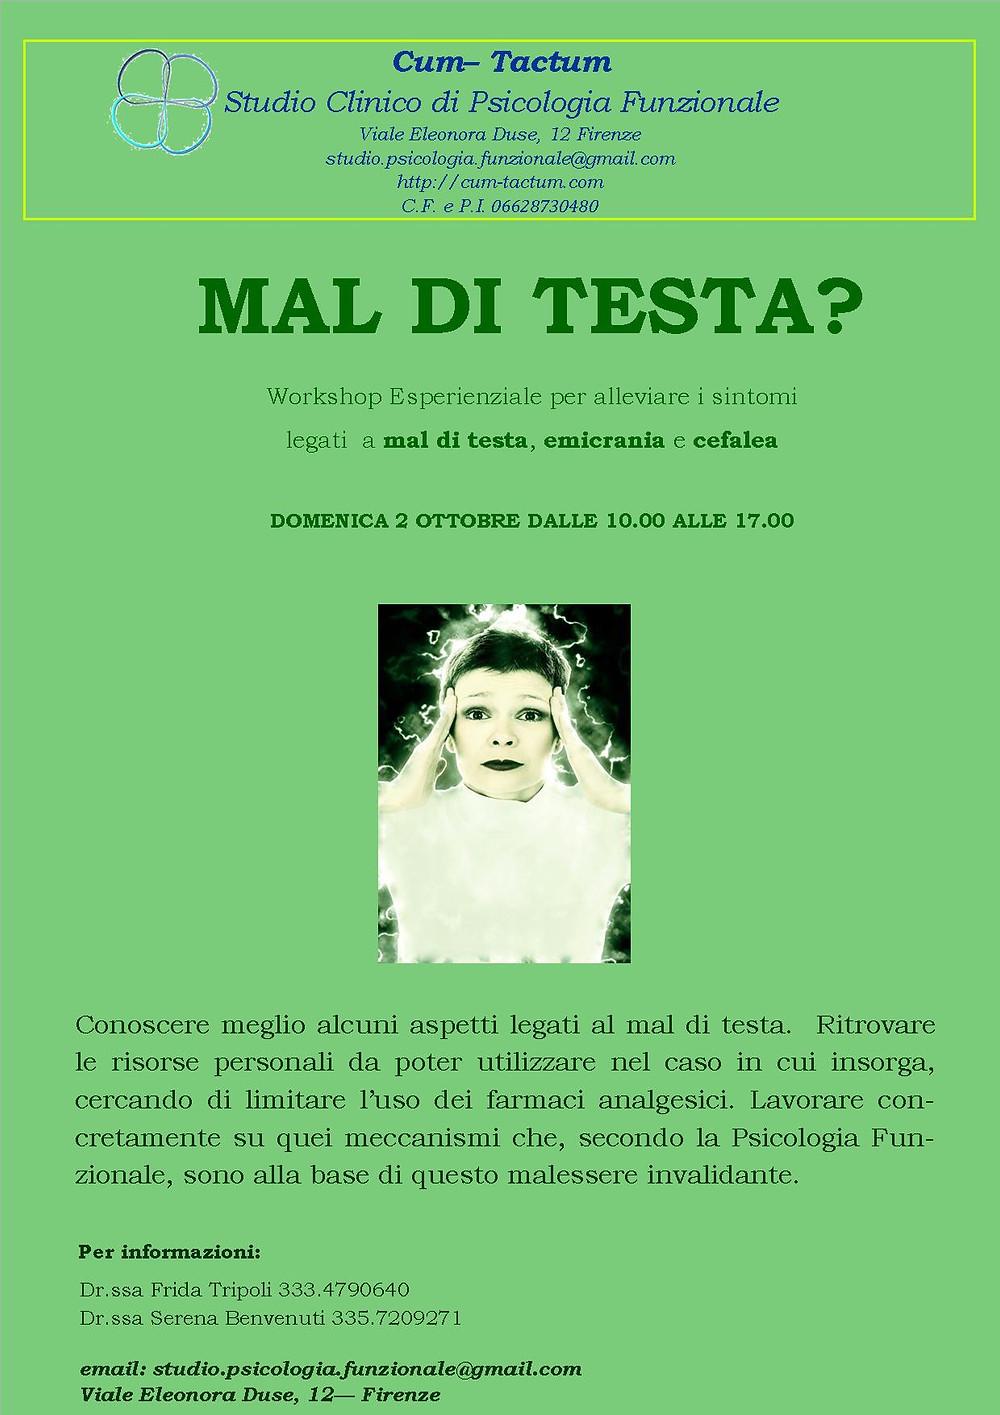 Workshop Mal di testa Psicologia Funzionale Firenze Tripoli Benvenuti